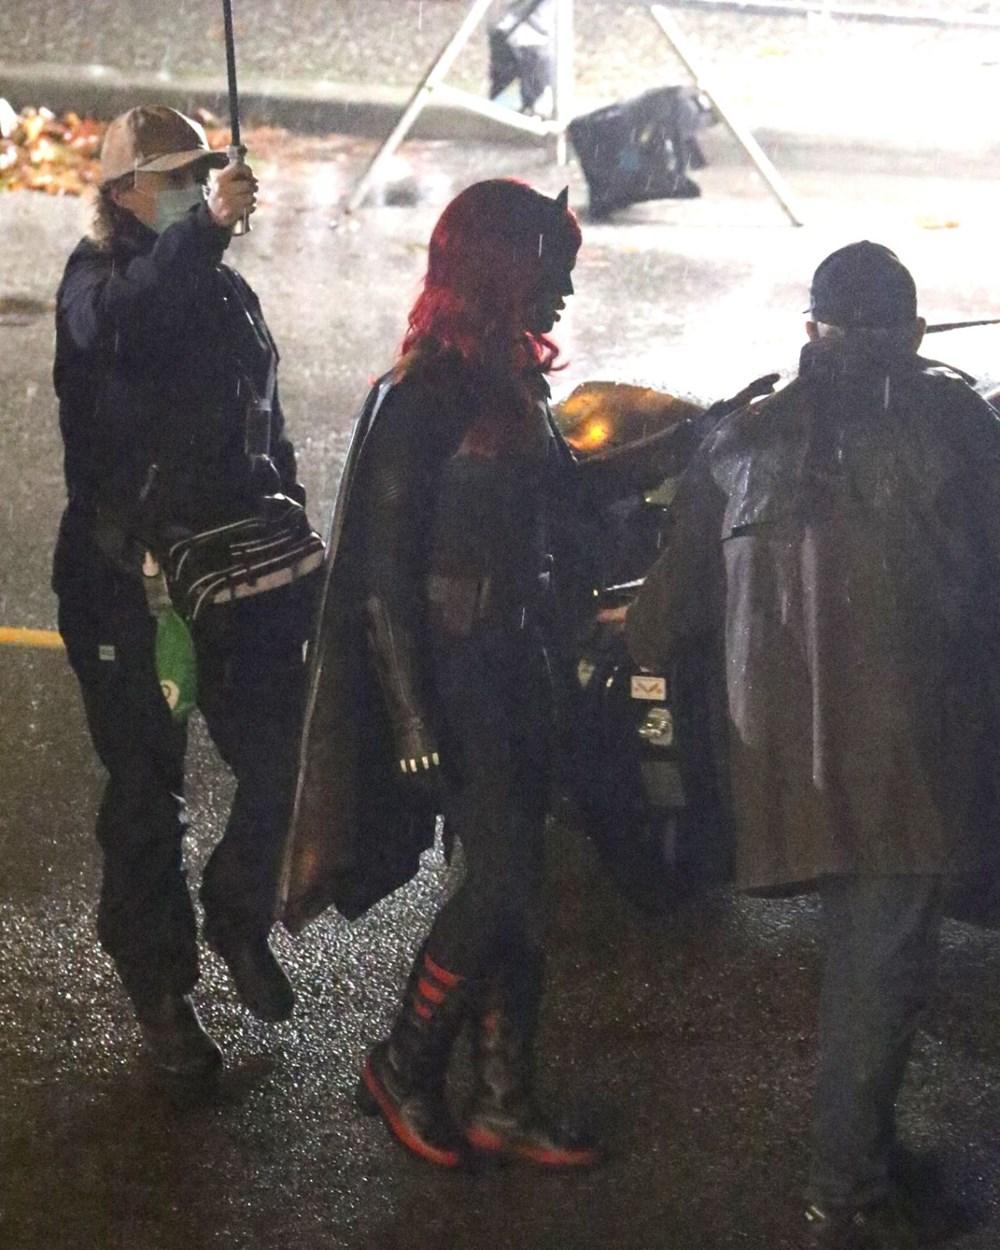 Batwoman dizi setinden ilk fotoğraflar - 6